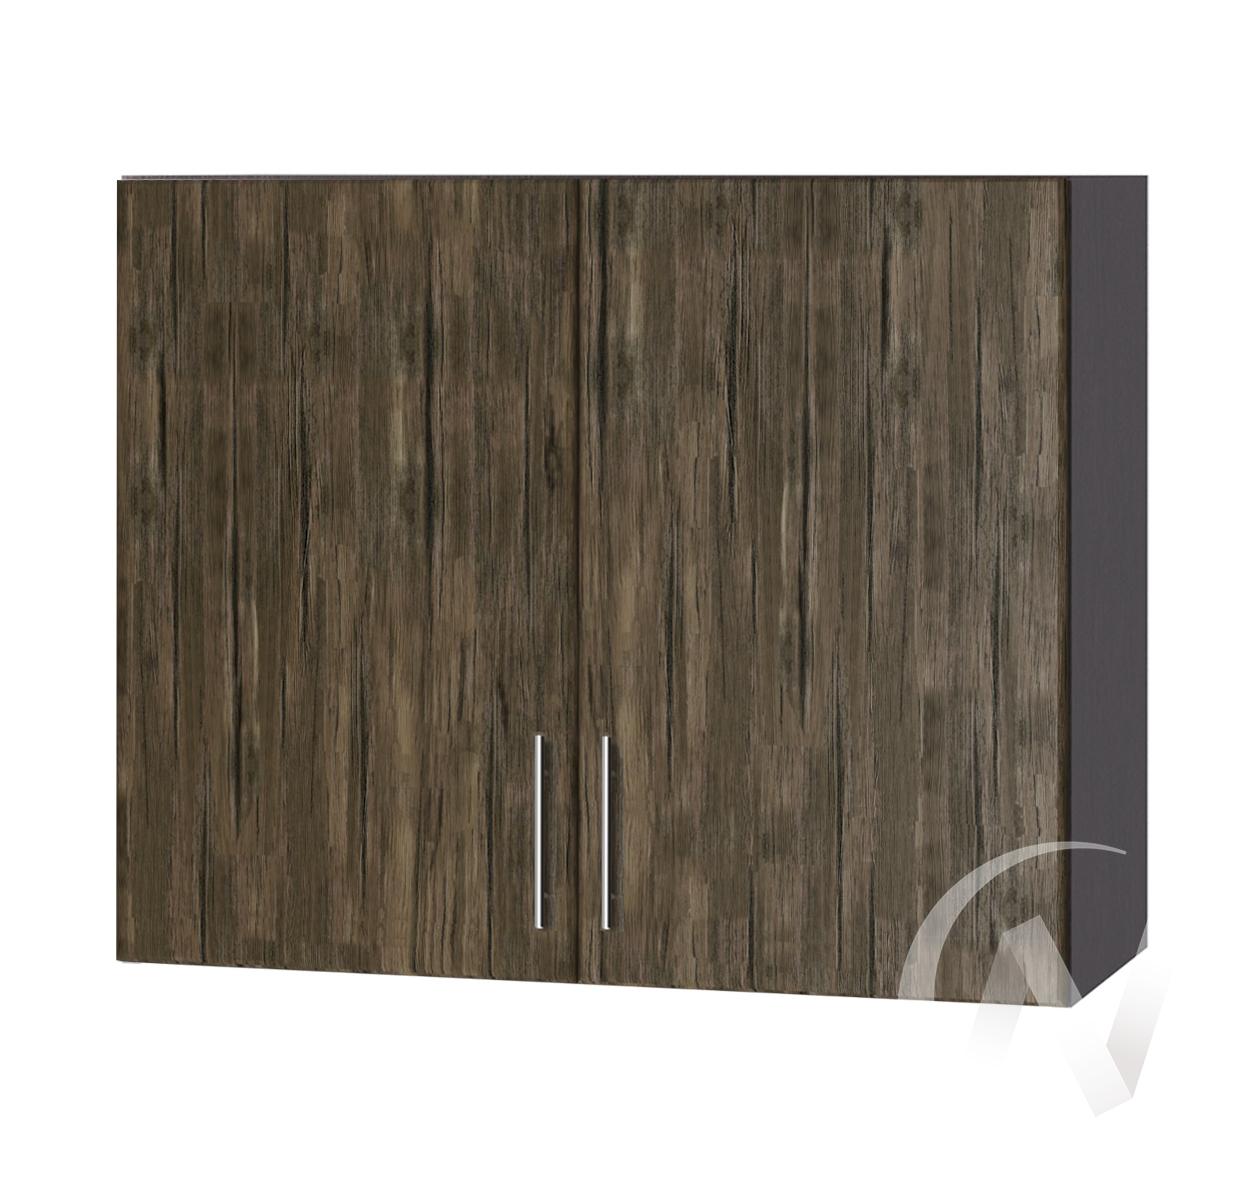 """Кухня """"Норден"""": Шкаф верхний 800, ШВ 800 (старое дерево/корпус венге)"""